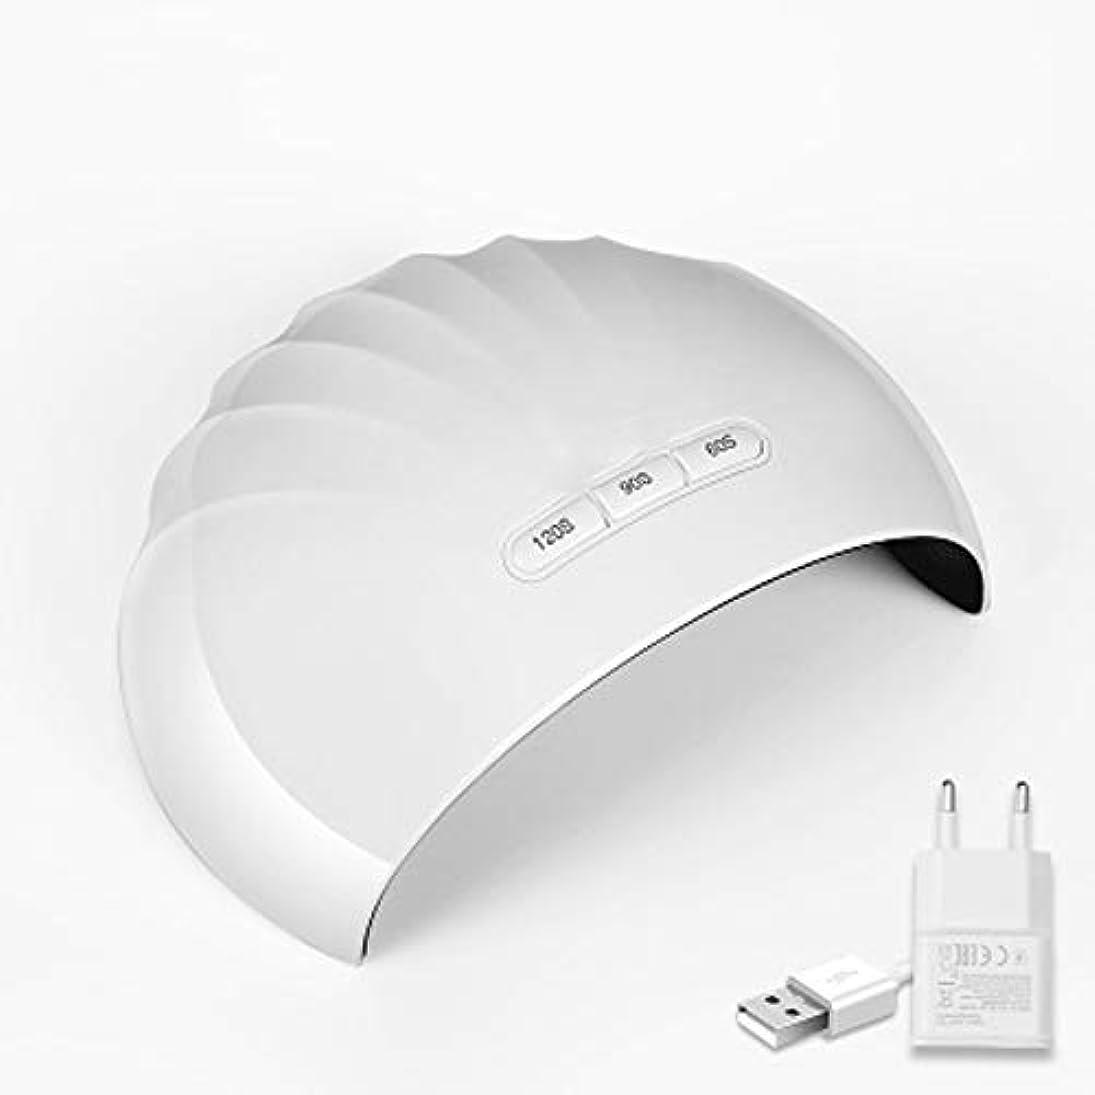 ウッズ友だち非公式ZXCVB ネイルランプ - UV LEDネイルランプ、ネイルドライヤーで自動センサー用爪とToenailsTimer設定